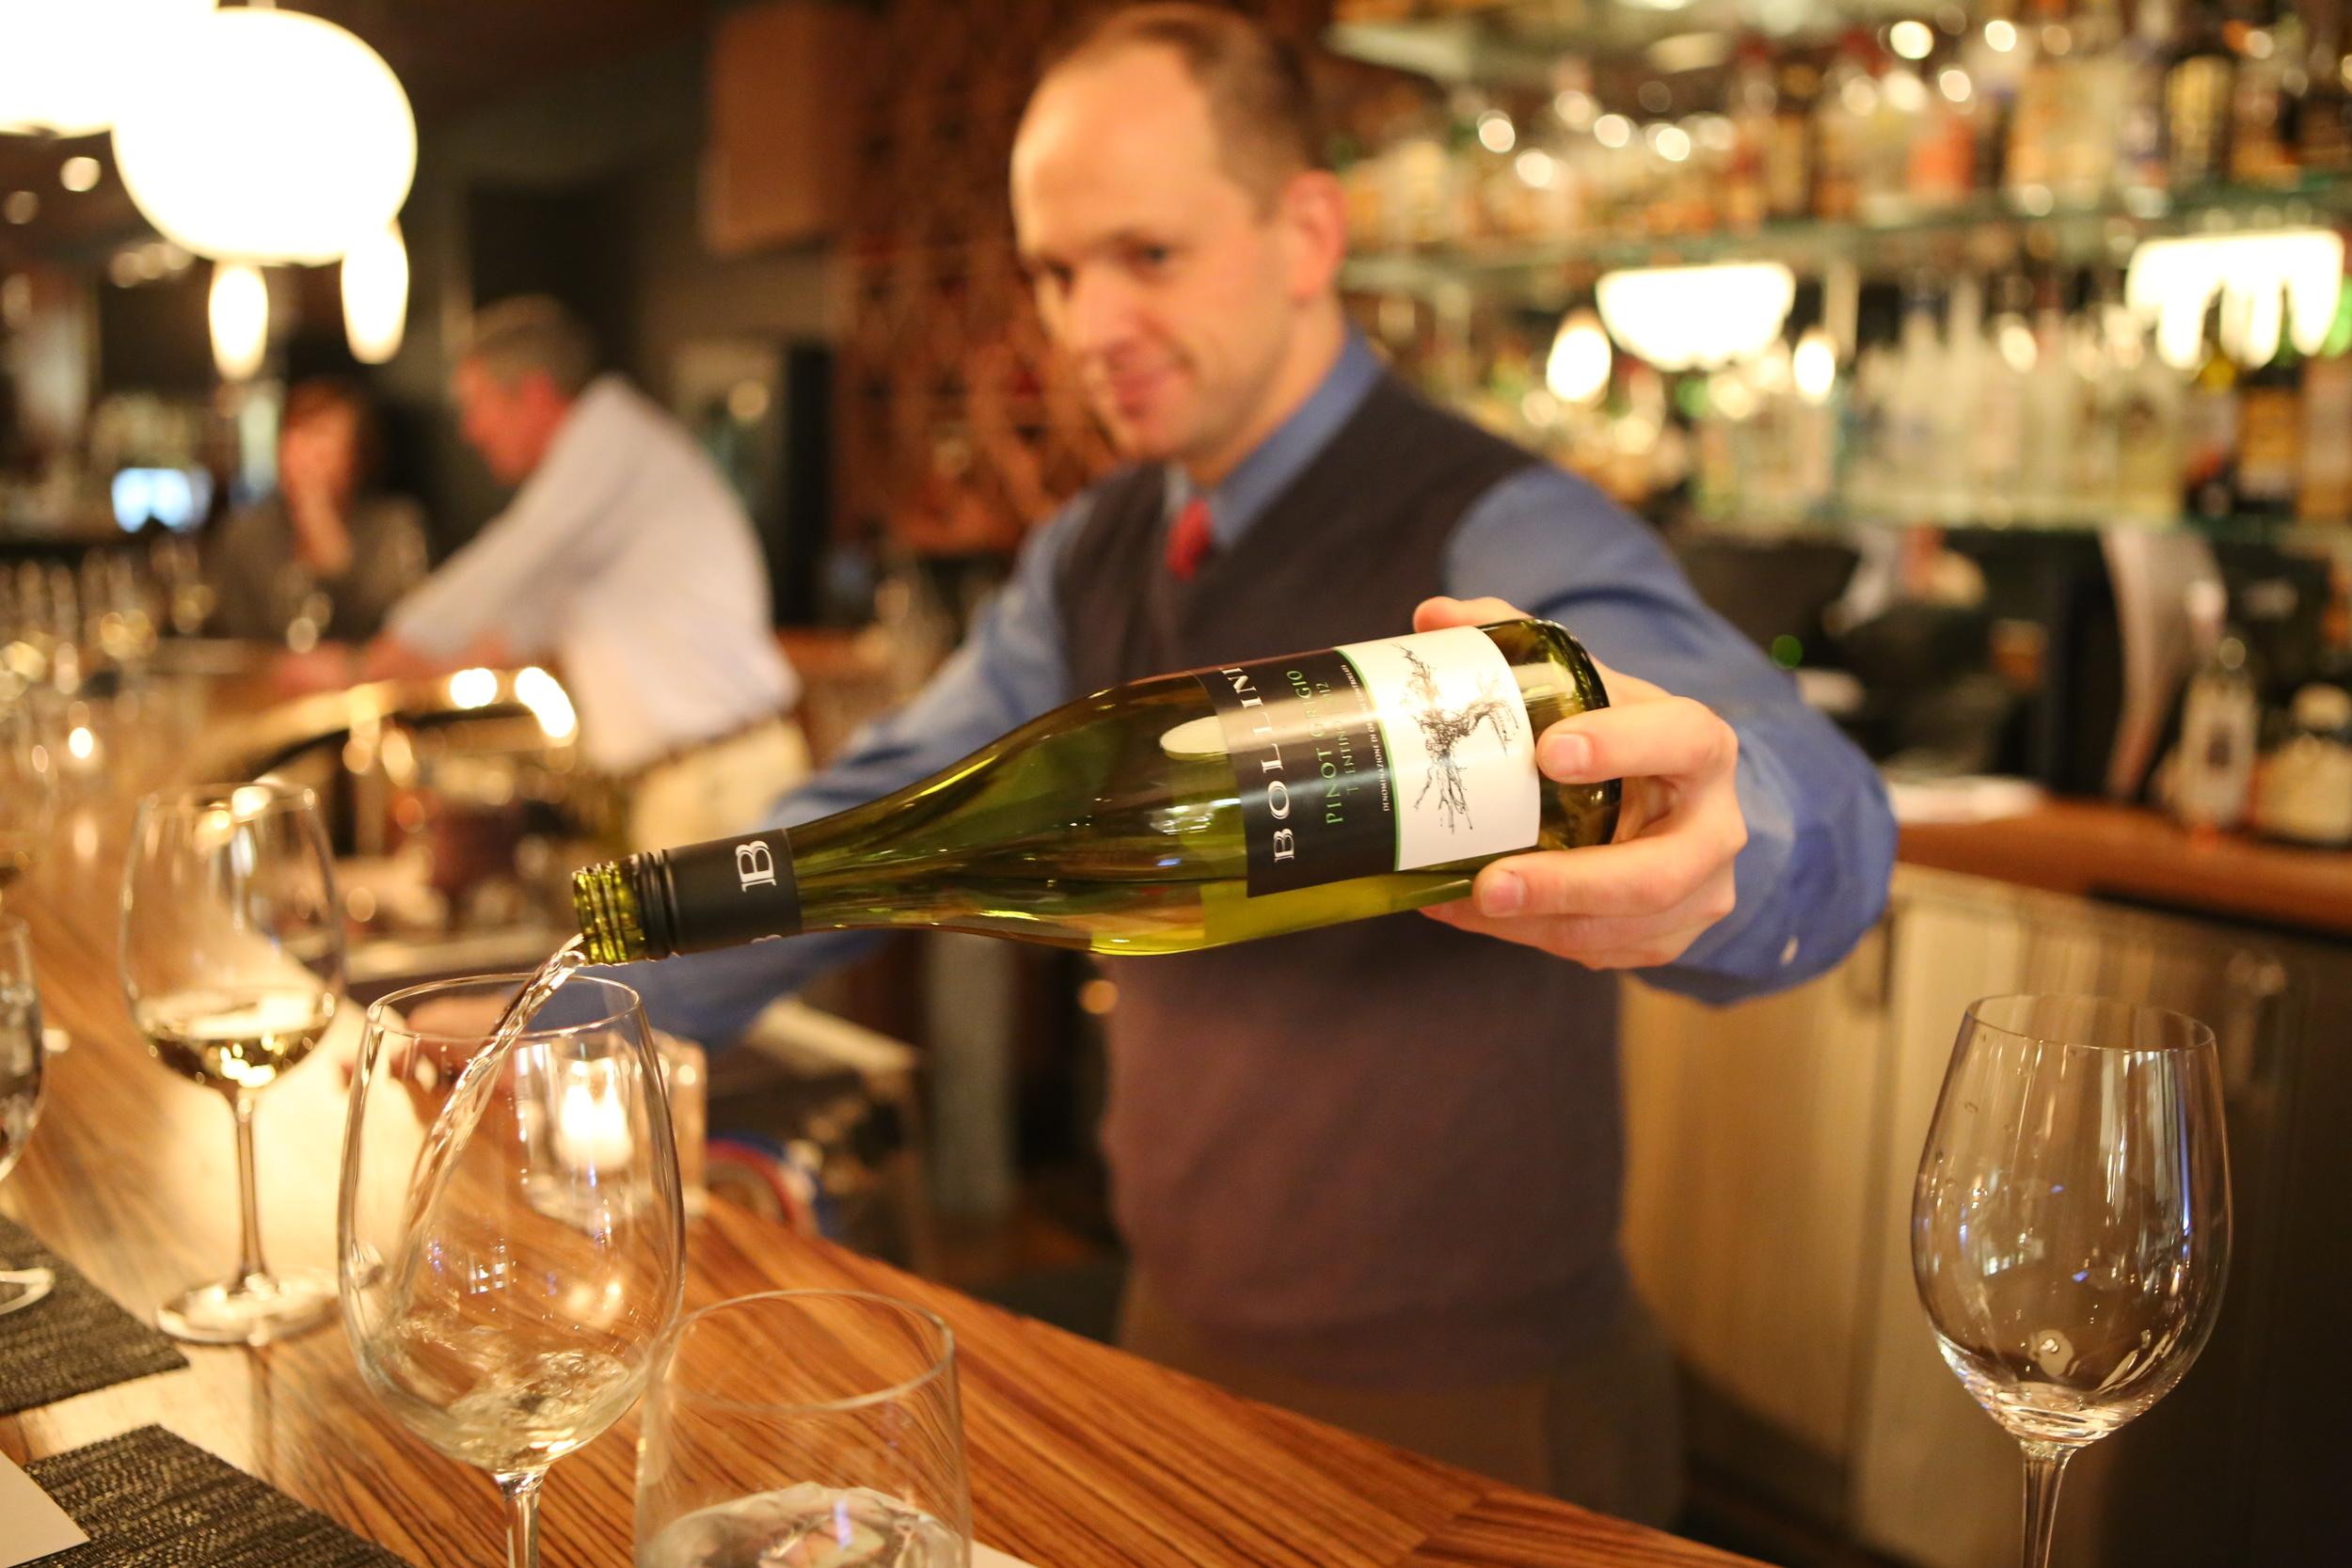 Daniel pouring the Bollini Pinot Grigio